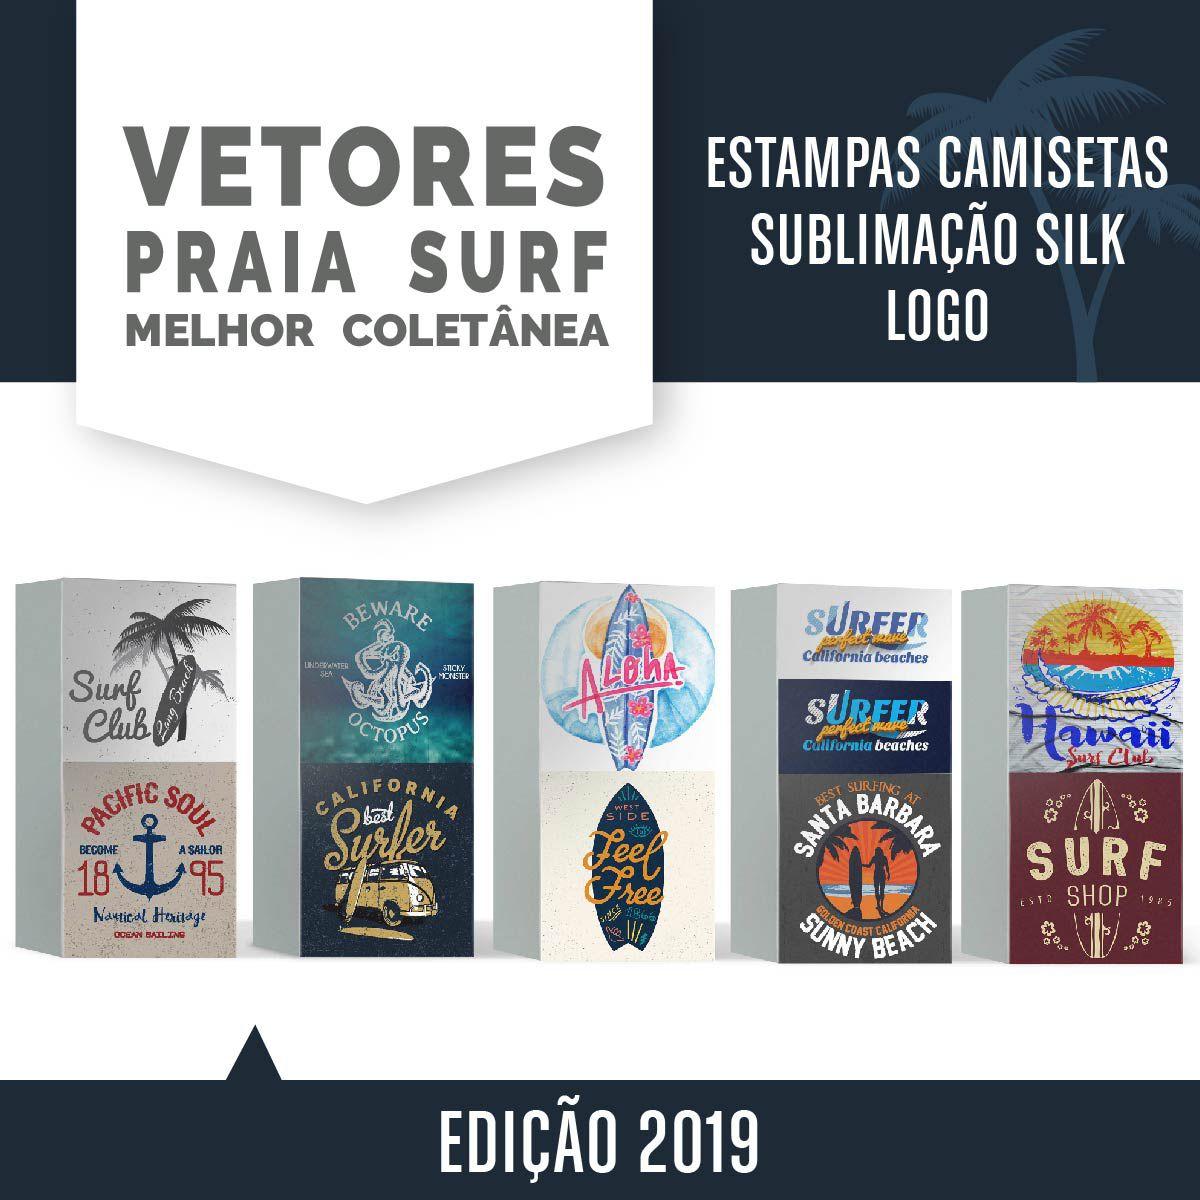 215 Vetores Praia Surf Estampa Camiseta Sublimação Silk Logo